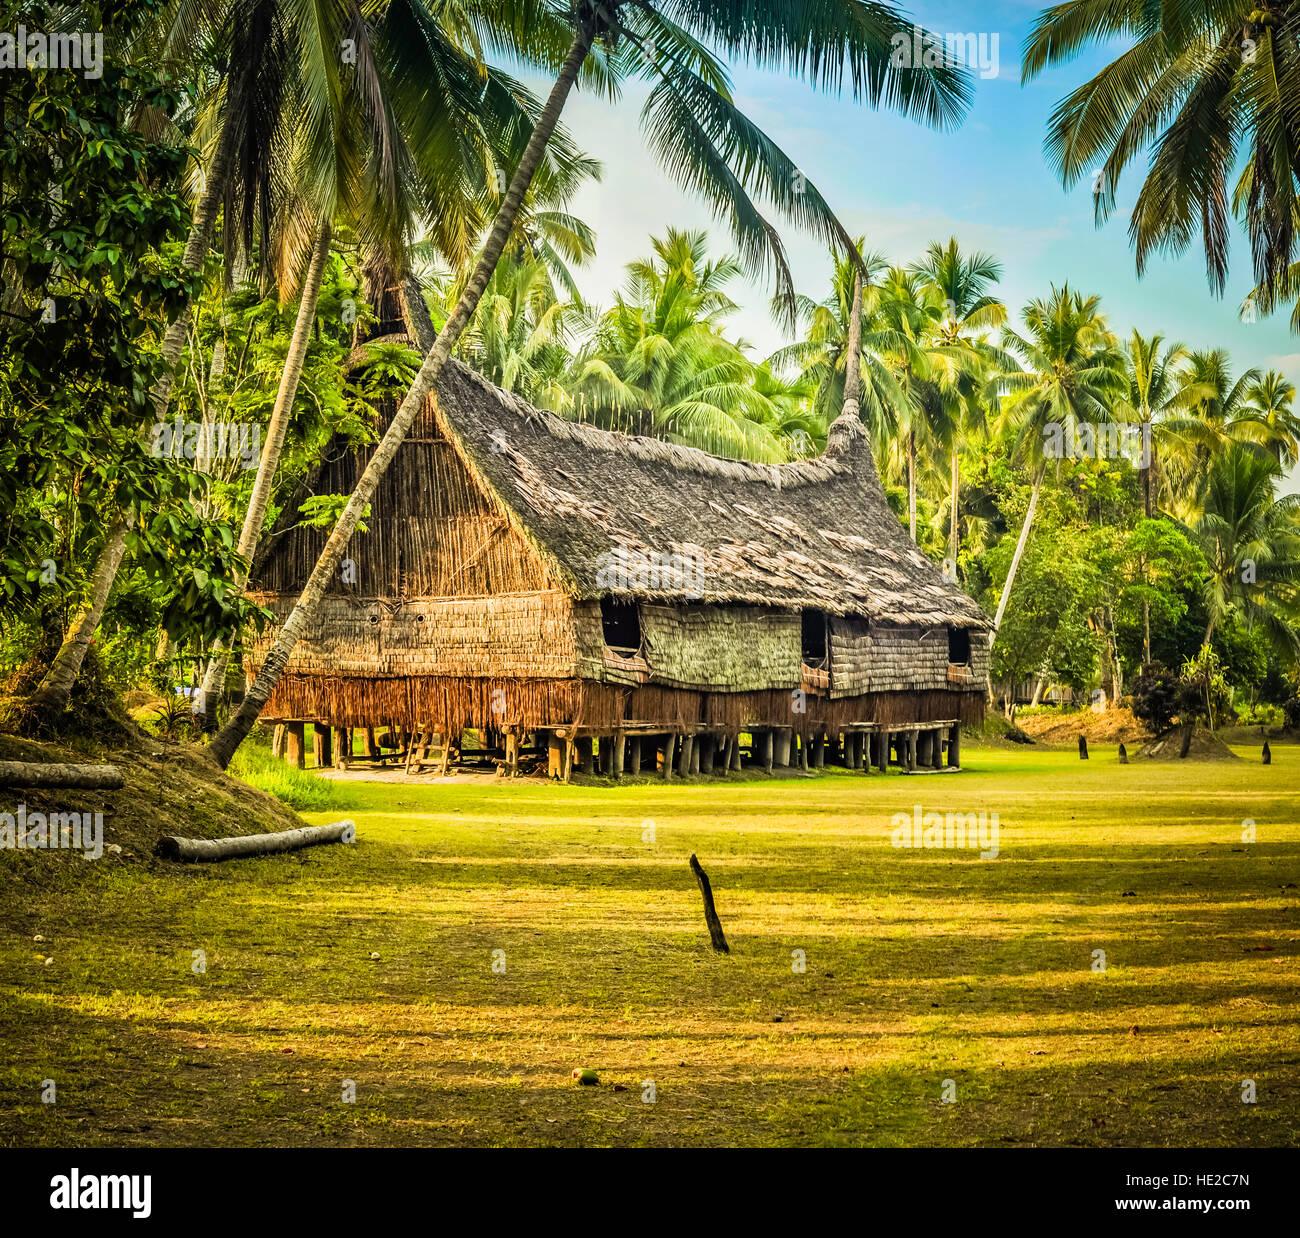 Großes Haus Aus Stroh Und Holz, Umgeben Von Viel Grün In Palembe, Sepik  Fluss In Papua Neuguinea. In Dieser Region Kann Man Nur Menschen Aus Ich  Treffen.